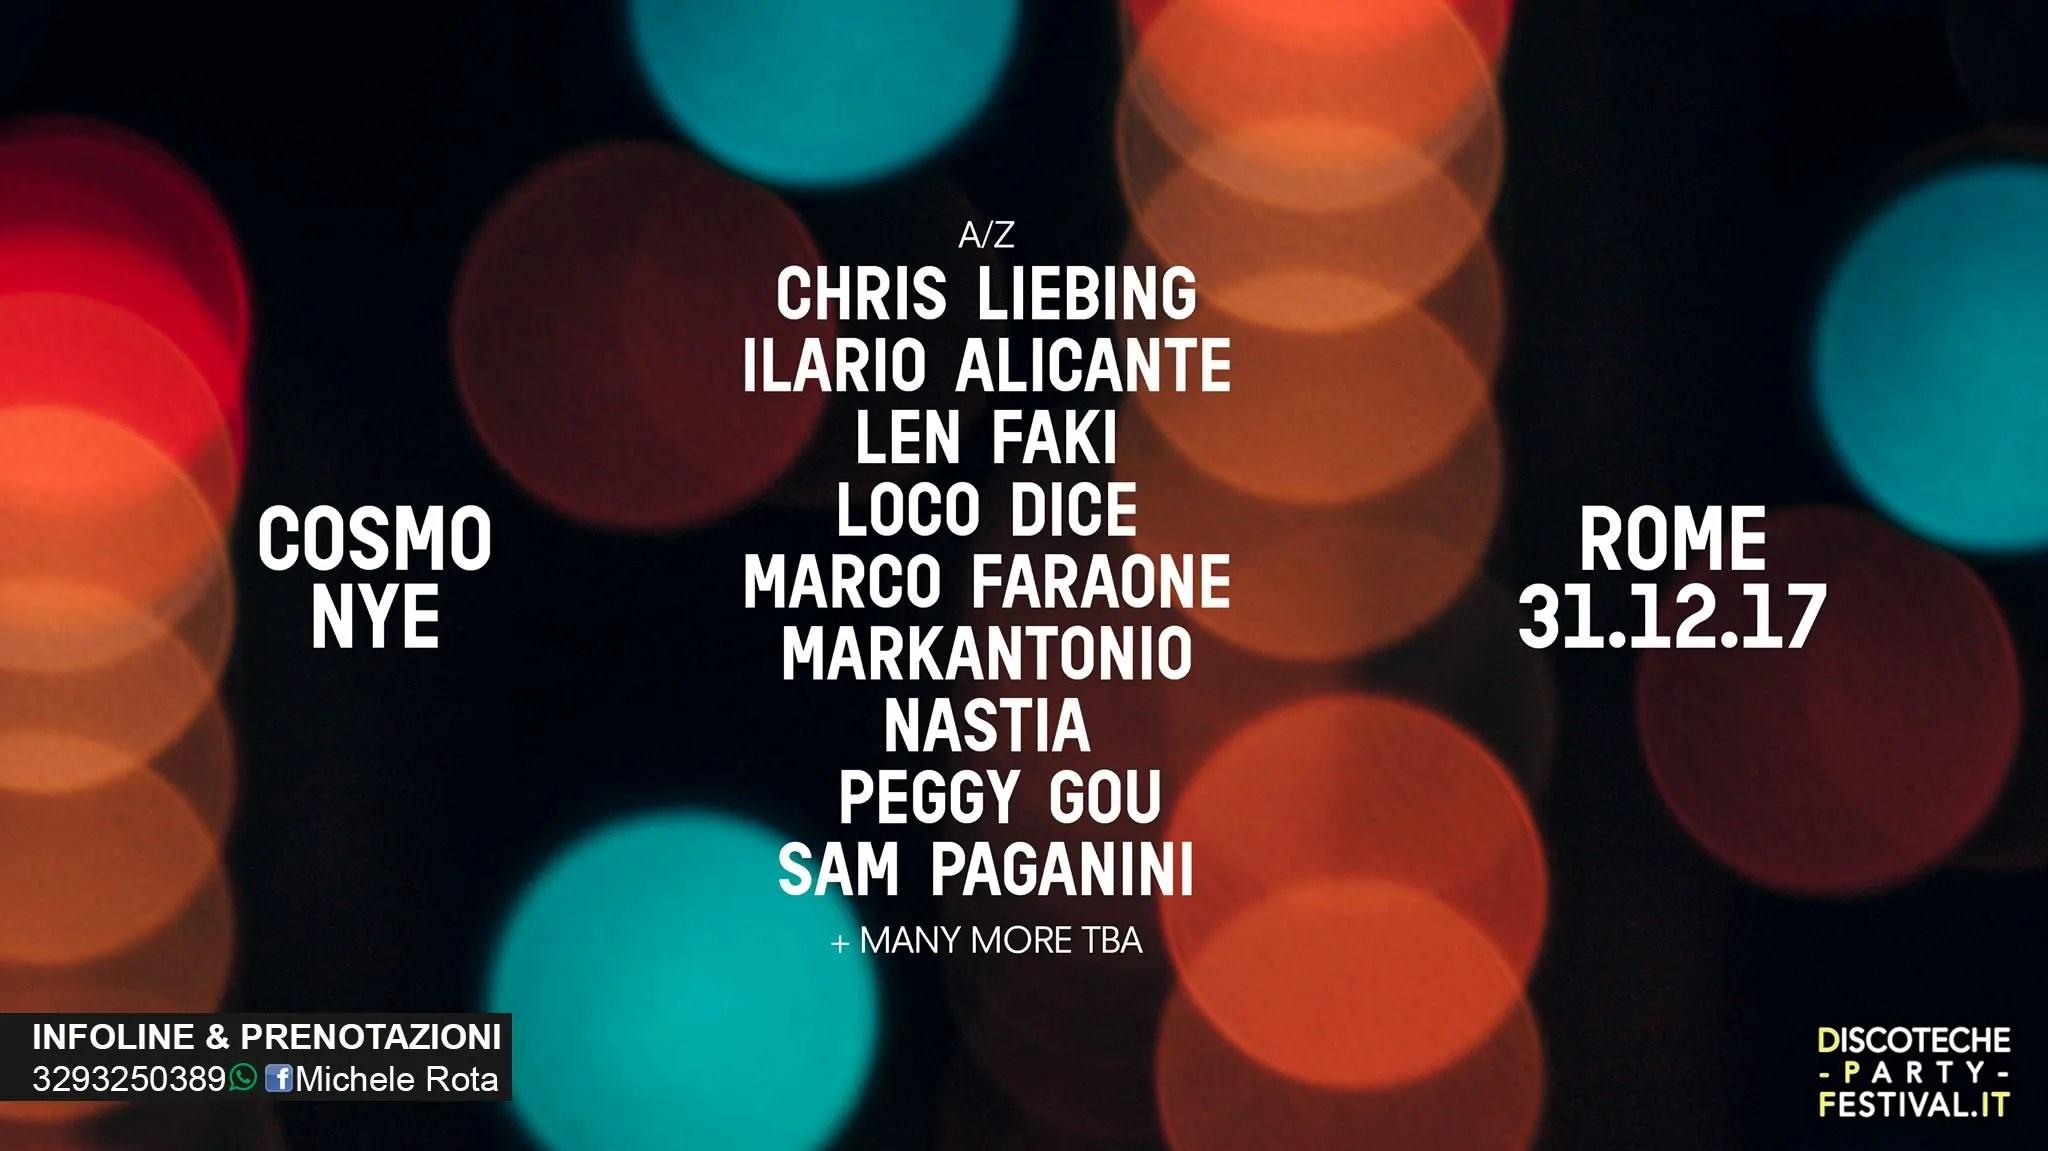 COSMO FESTIVAL CAPODANNO 2019 ROMA EUR 31 12 2018 + PREZZI PREVENDITE BIGLIETTI + PACCHETTI HOTEL PULLMAN